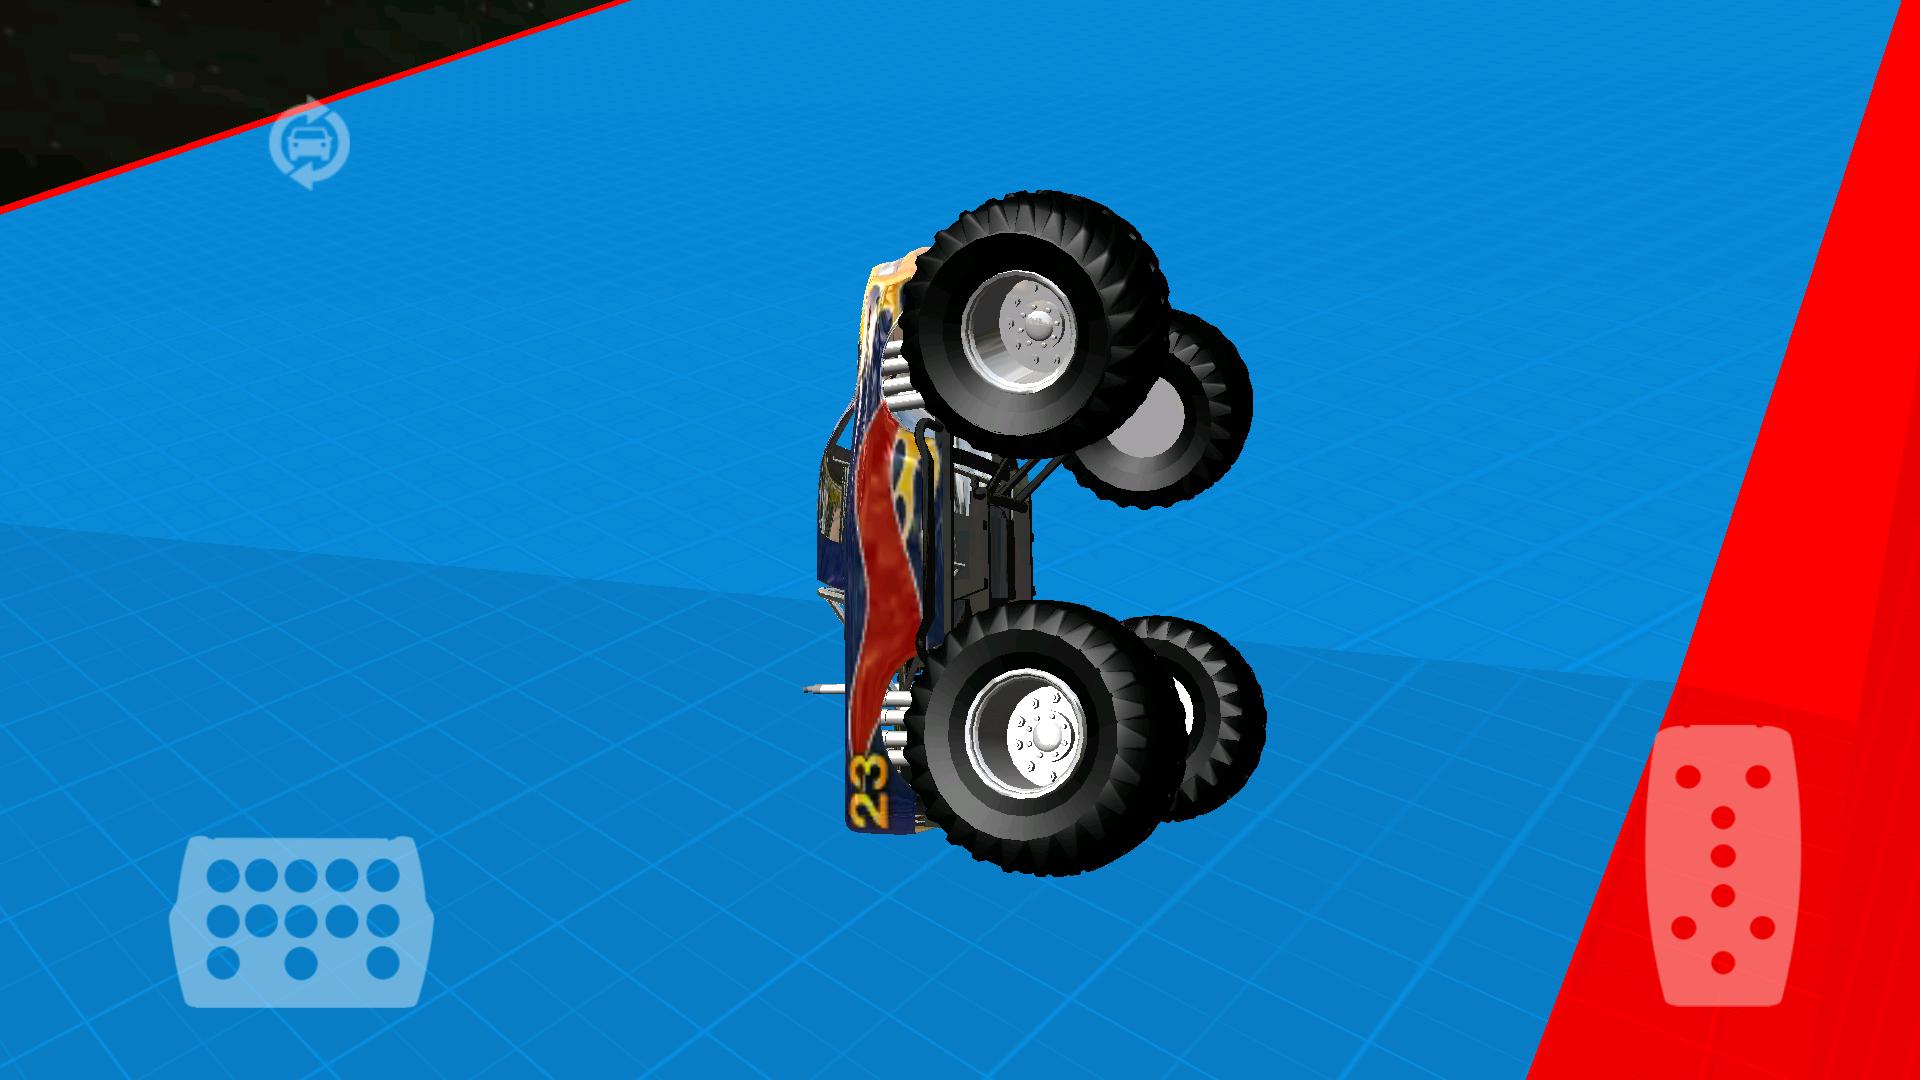 Fantastic Car Levels